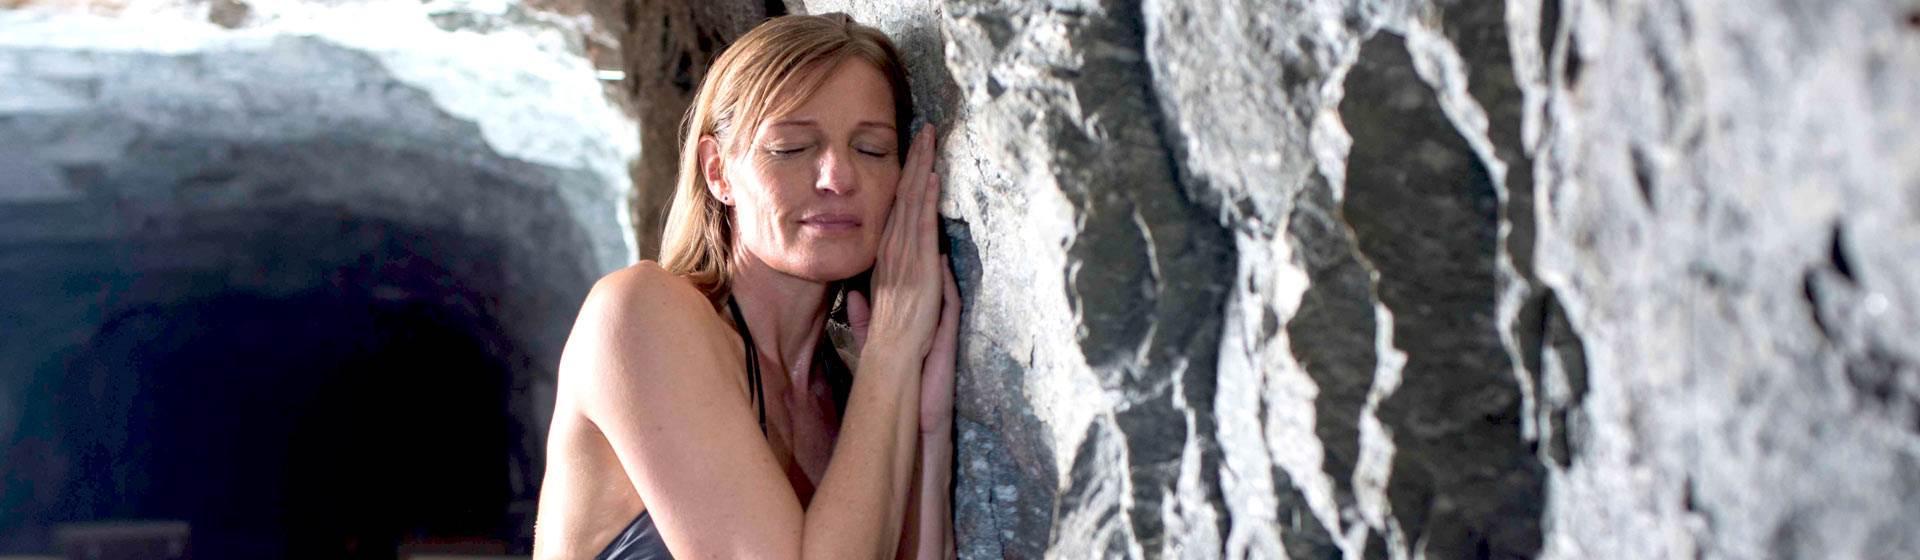 Frau lehnt an einer Höhlenwand mit geschlossenen Augen